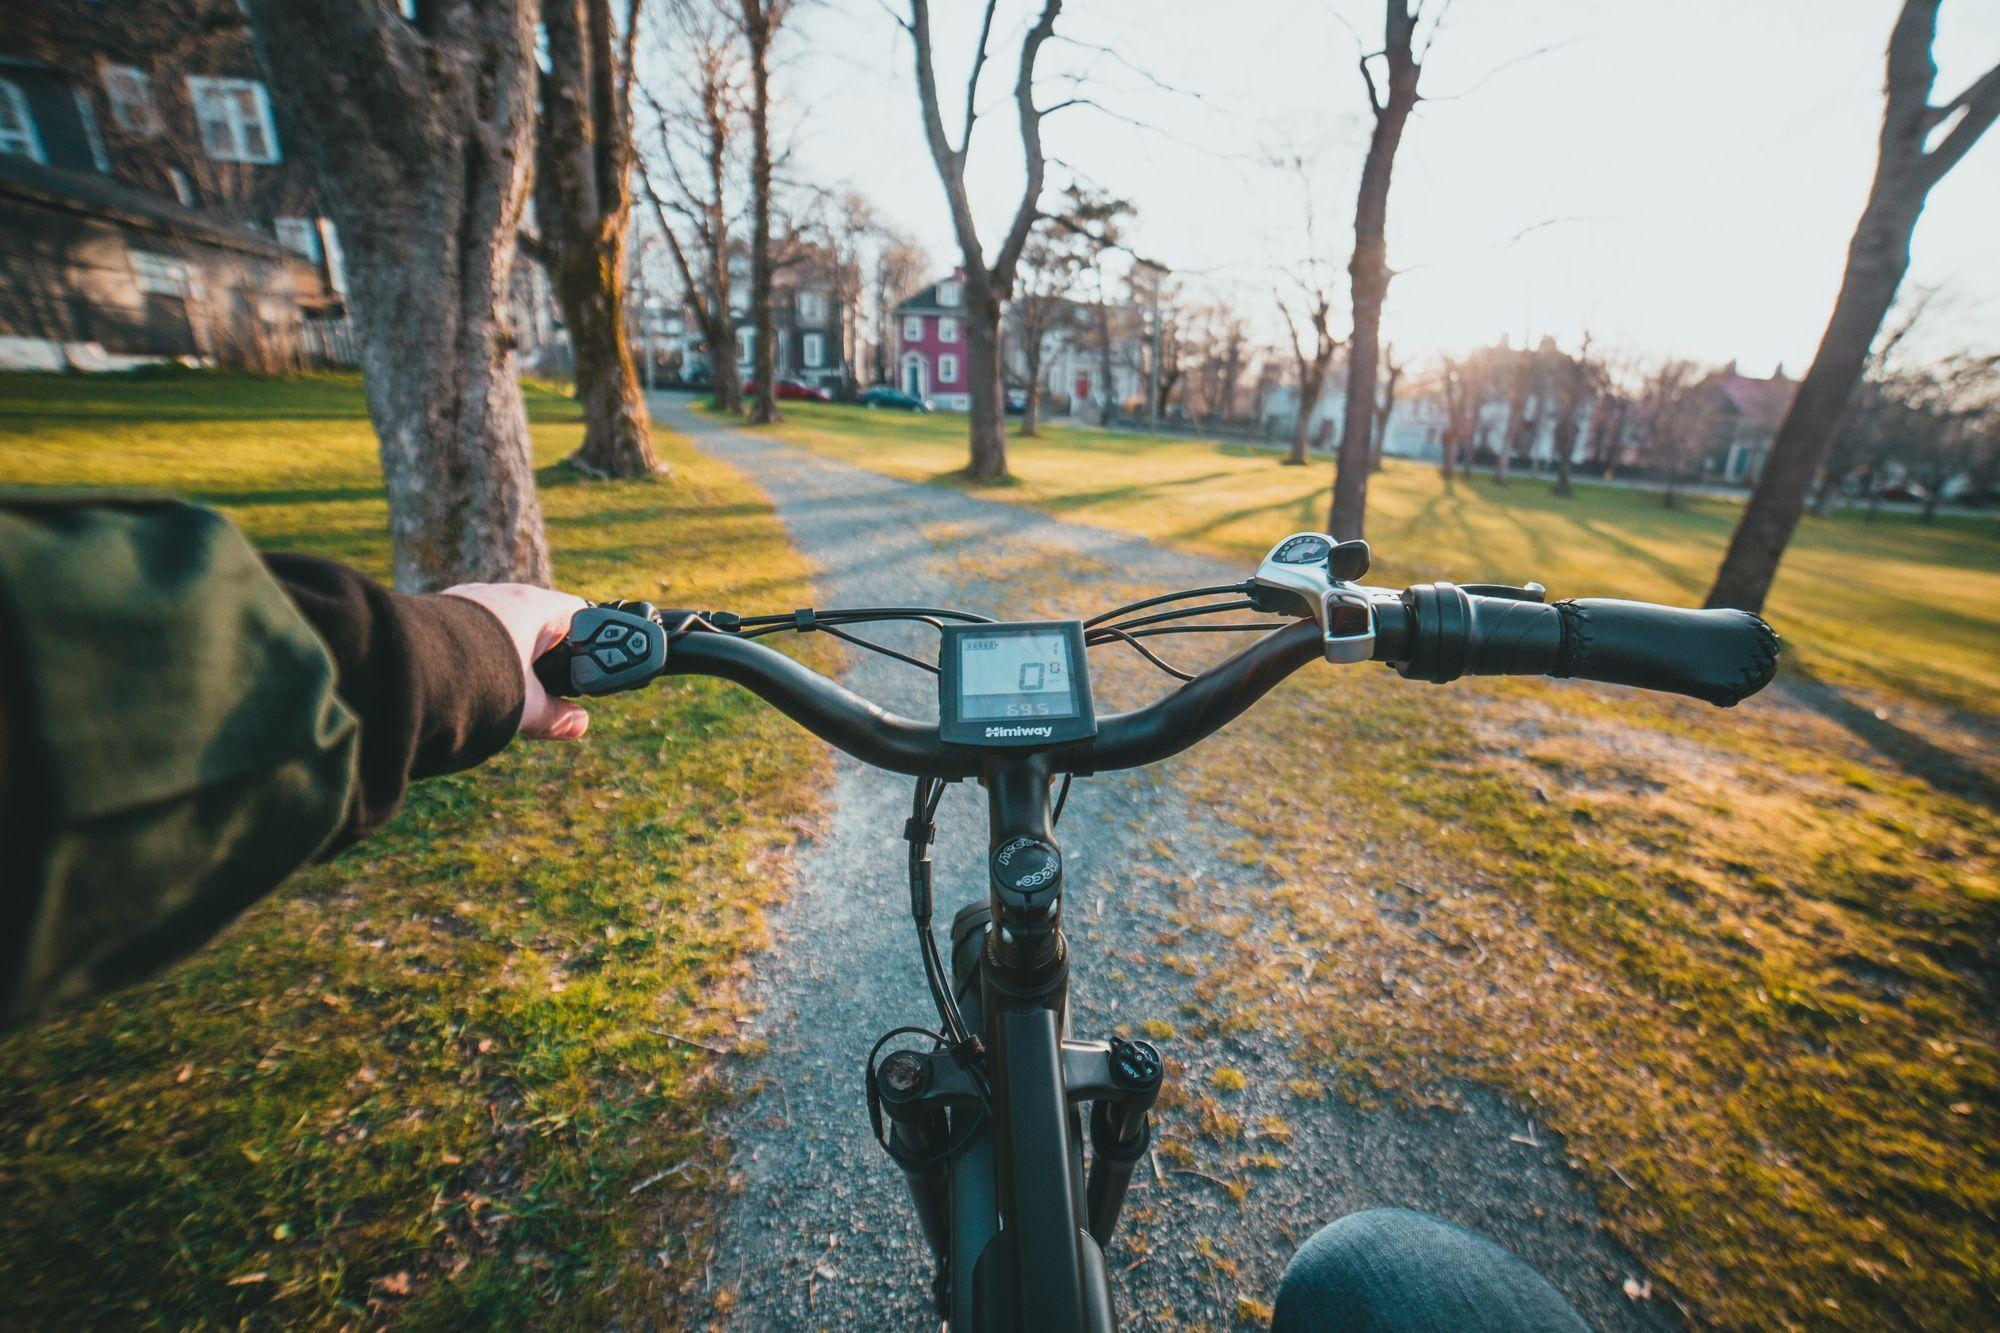 Elektrische fiets kopen? 5 tips